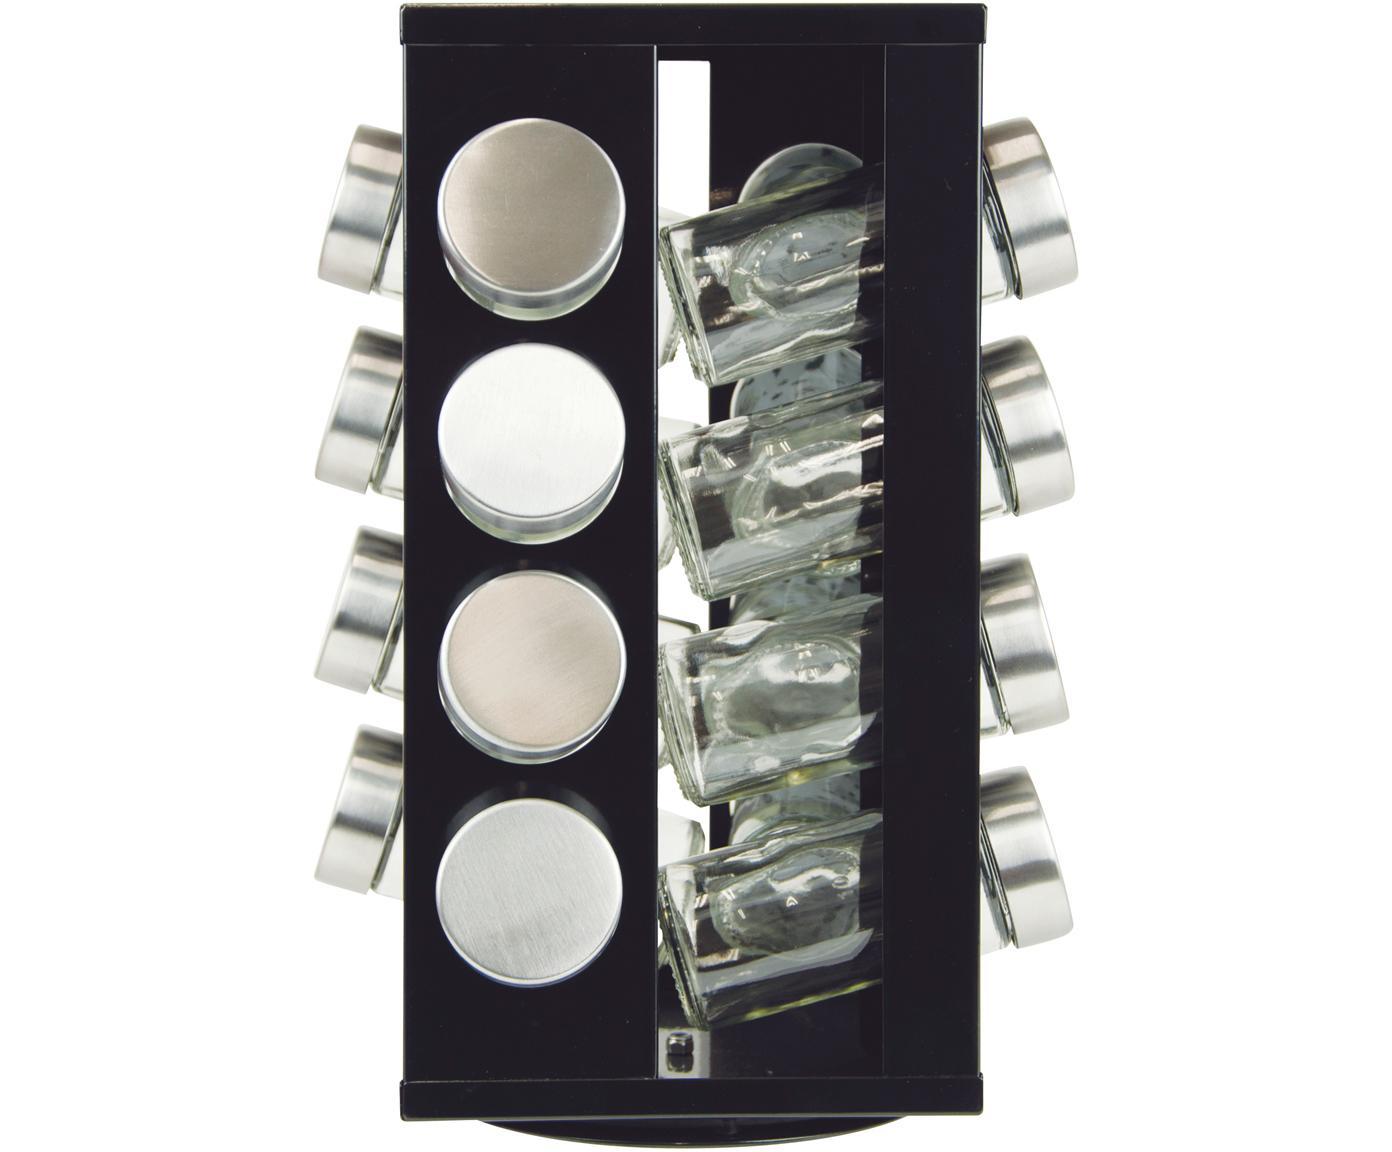 Drehbares Gewürzregal Soho mit Aufbewahrungsdosen, 17-tlg., Gestell: Metall, beschichtet, Kuns, Schwarz, Edelstahl, 18 x 29 cm